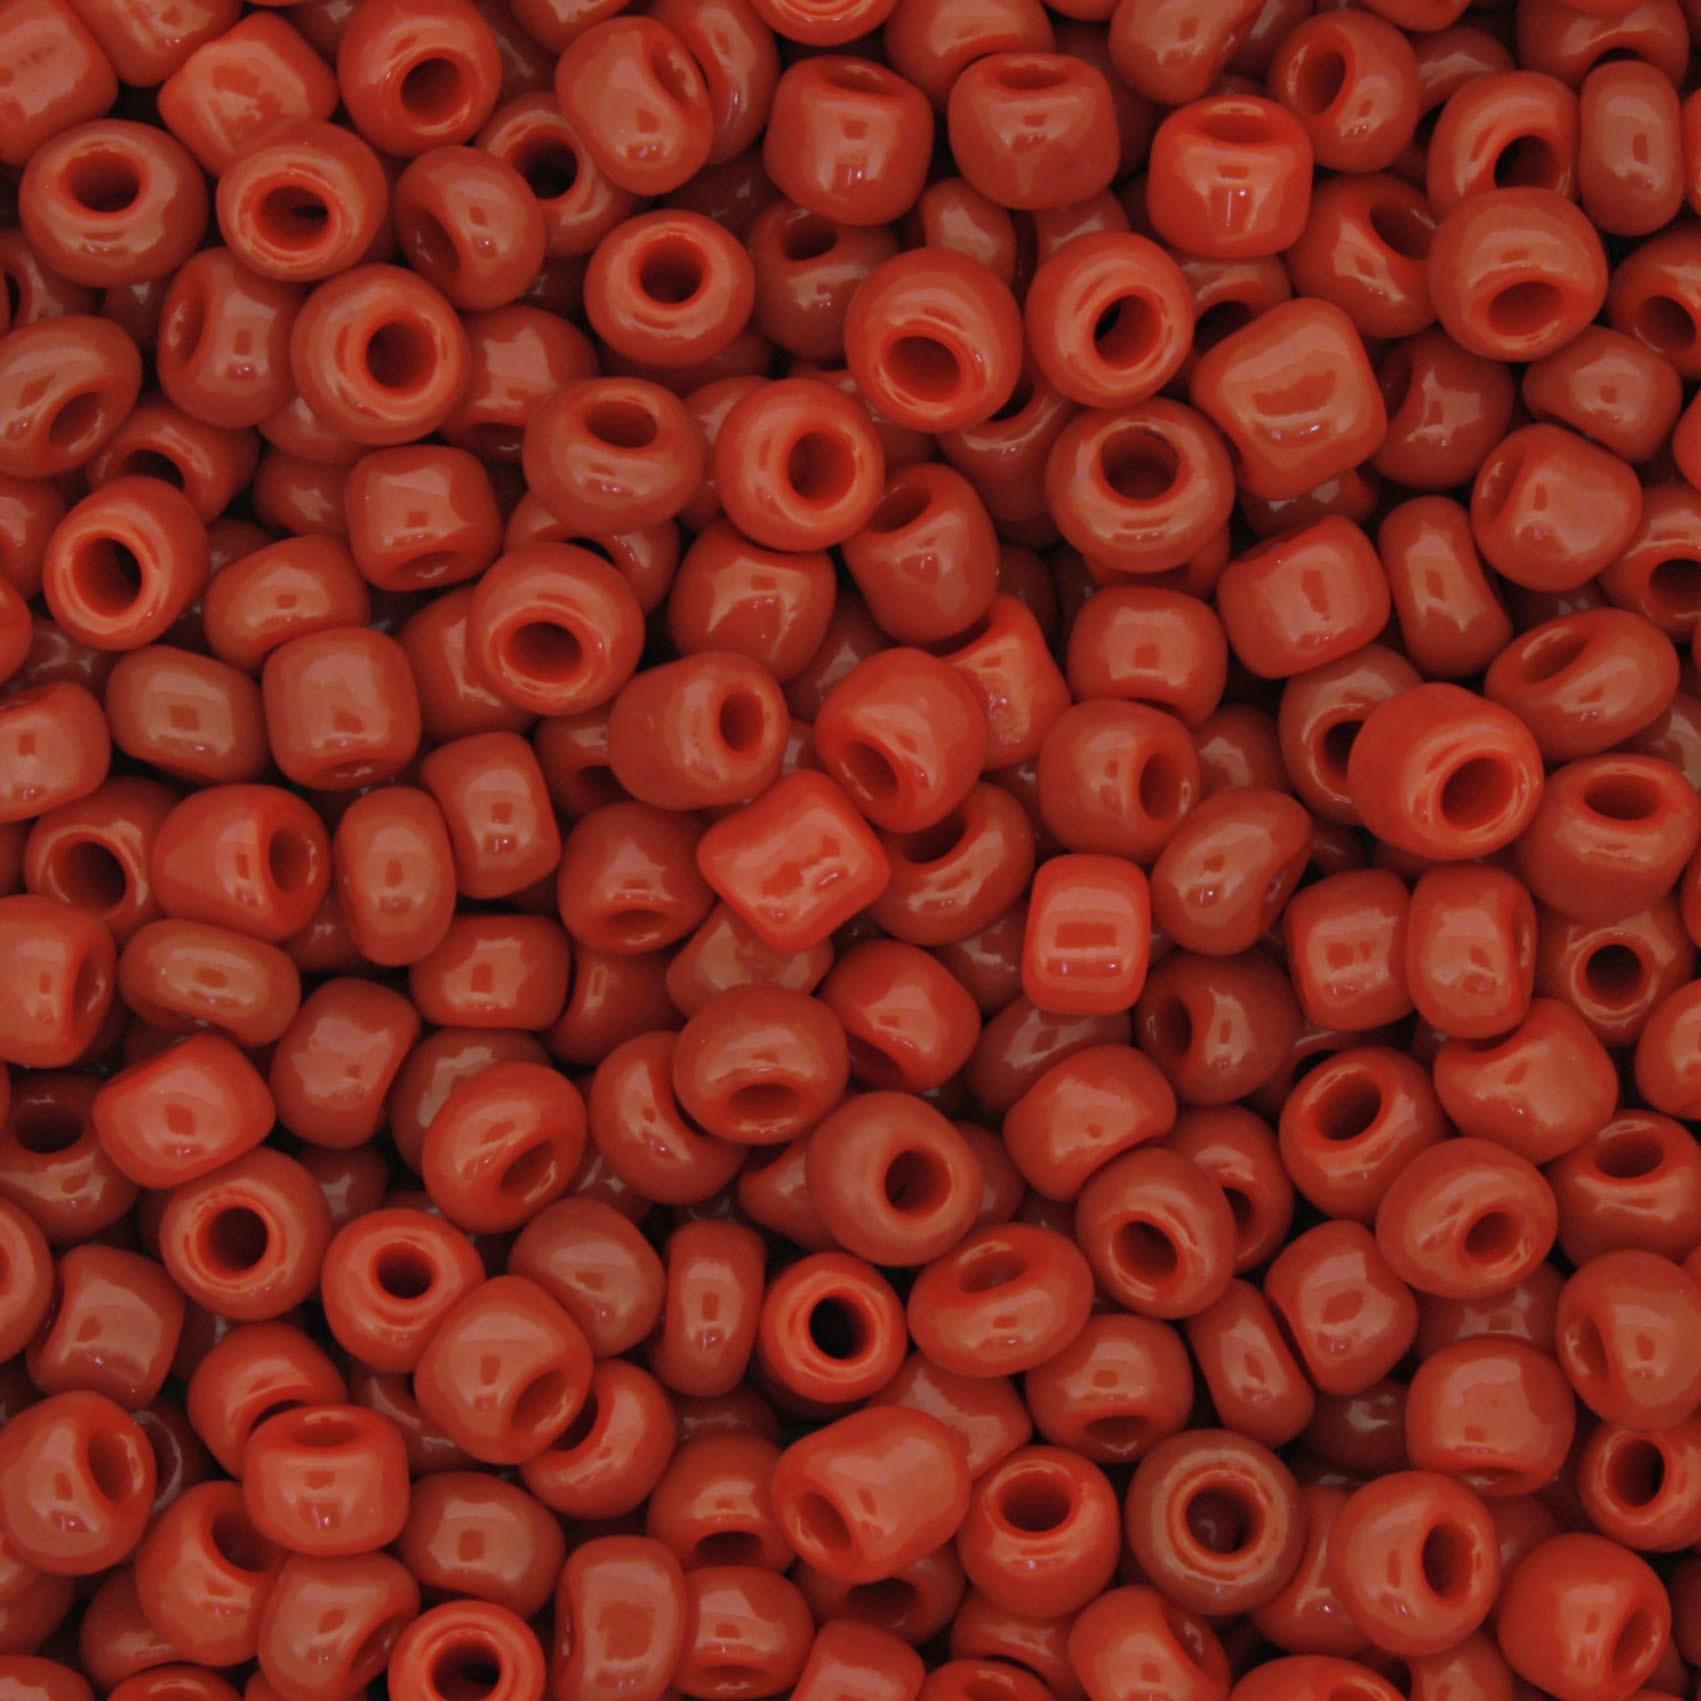 Miçanga 6/0 - 4.0x3.0mm - Vermelha  - Universo Religioso® - Artigos de Umbanda e Candomblé